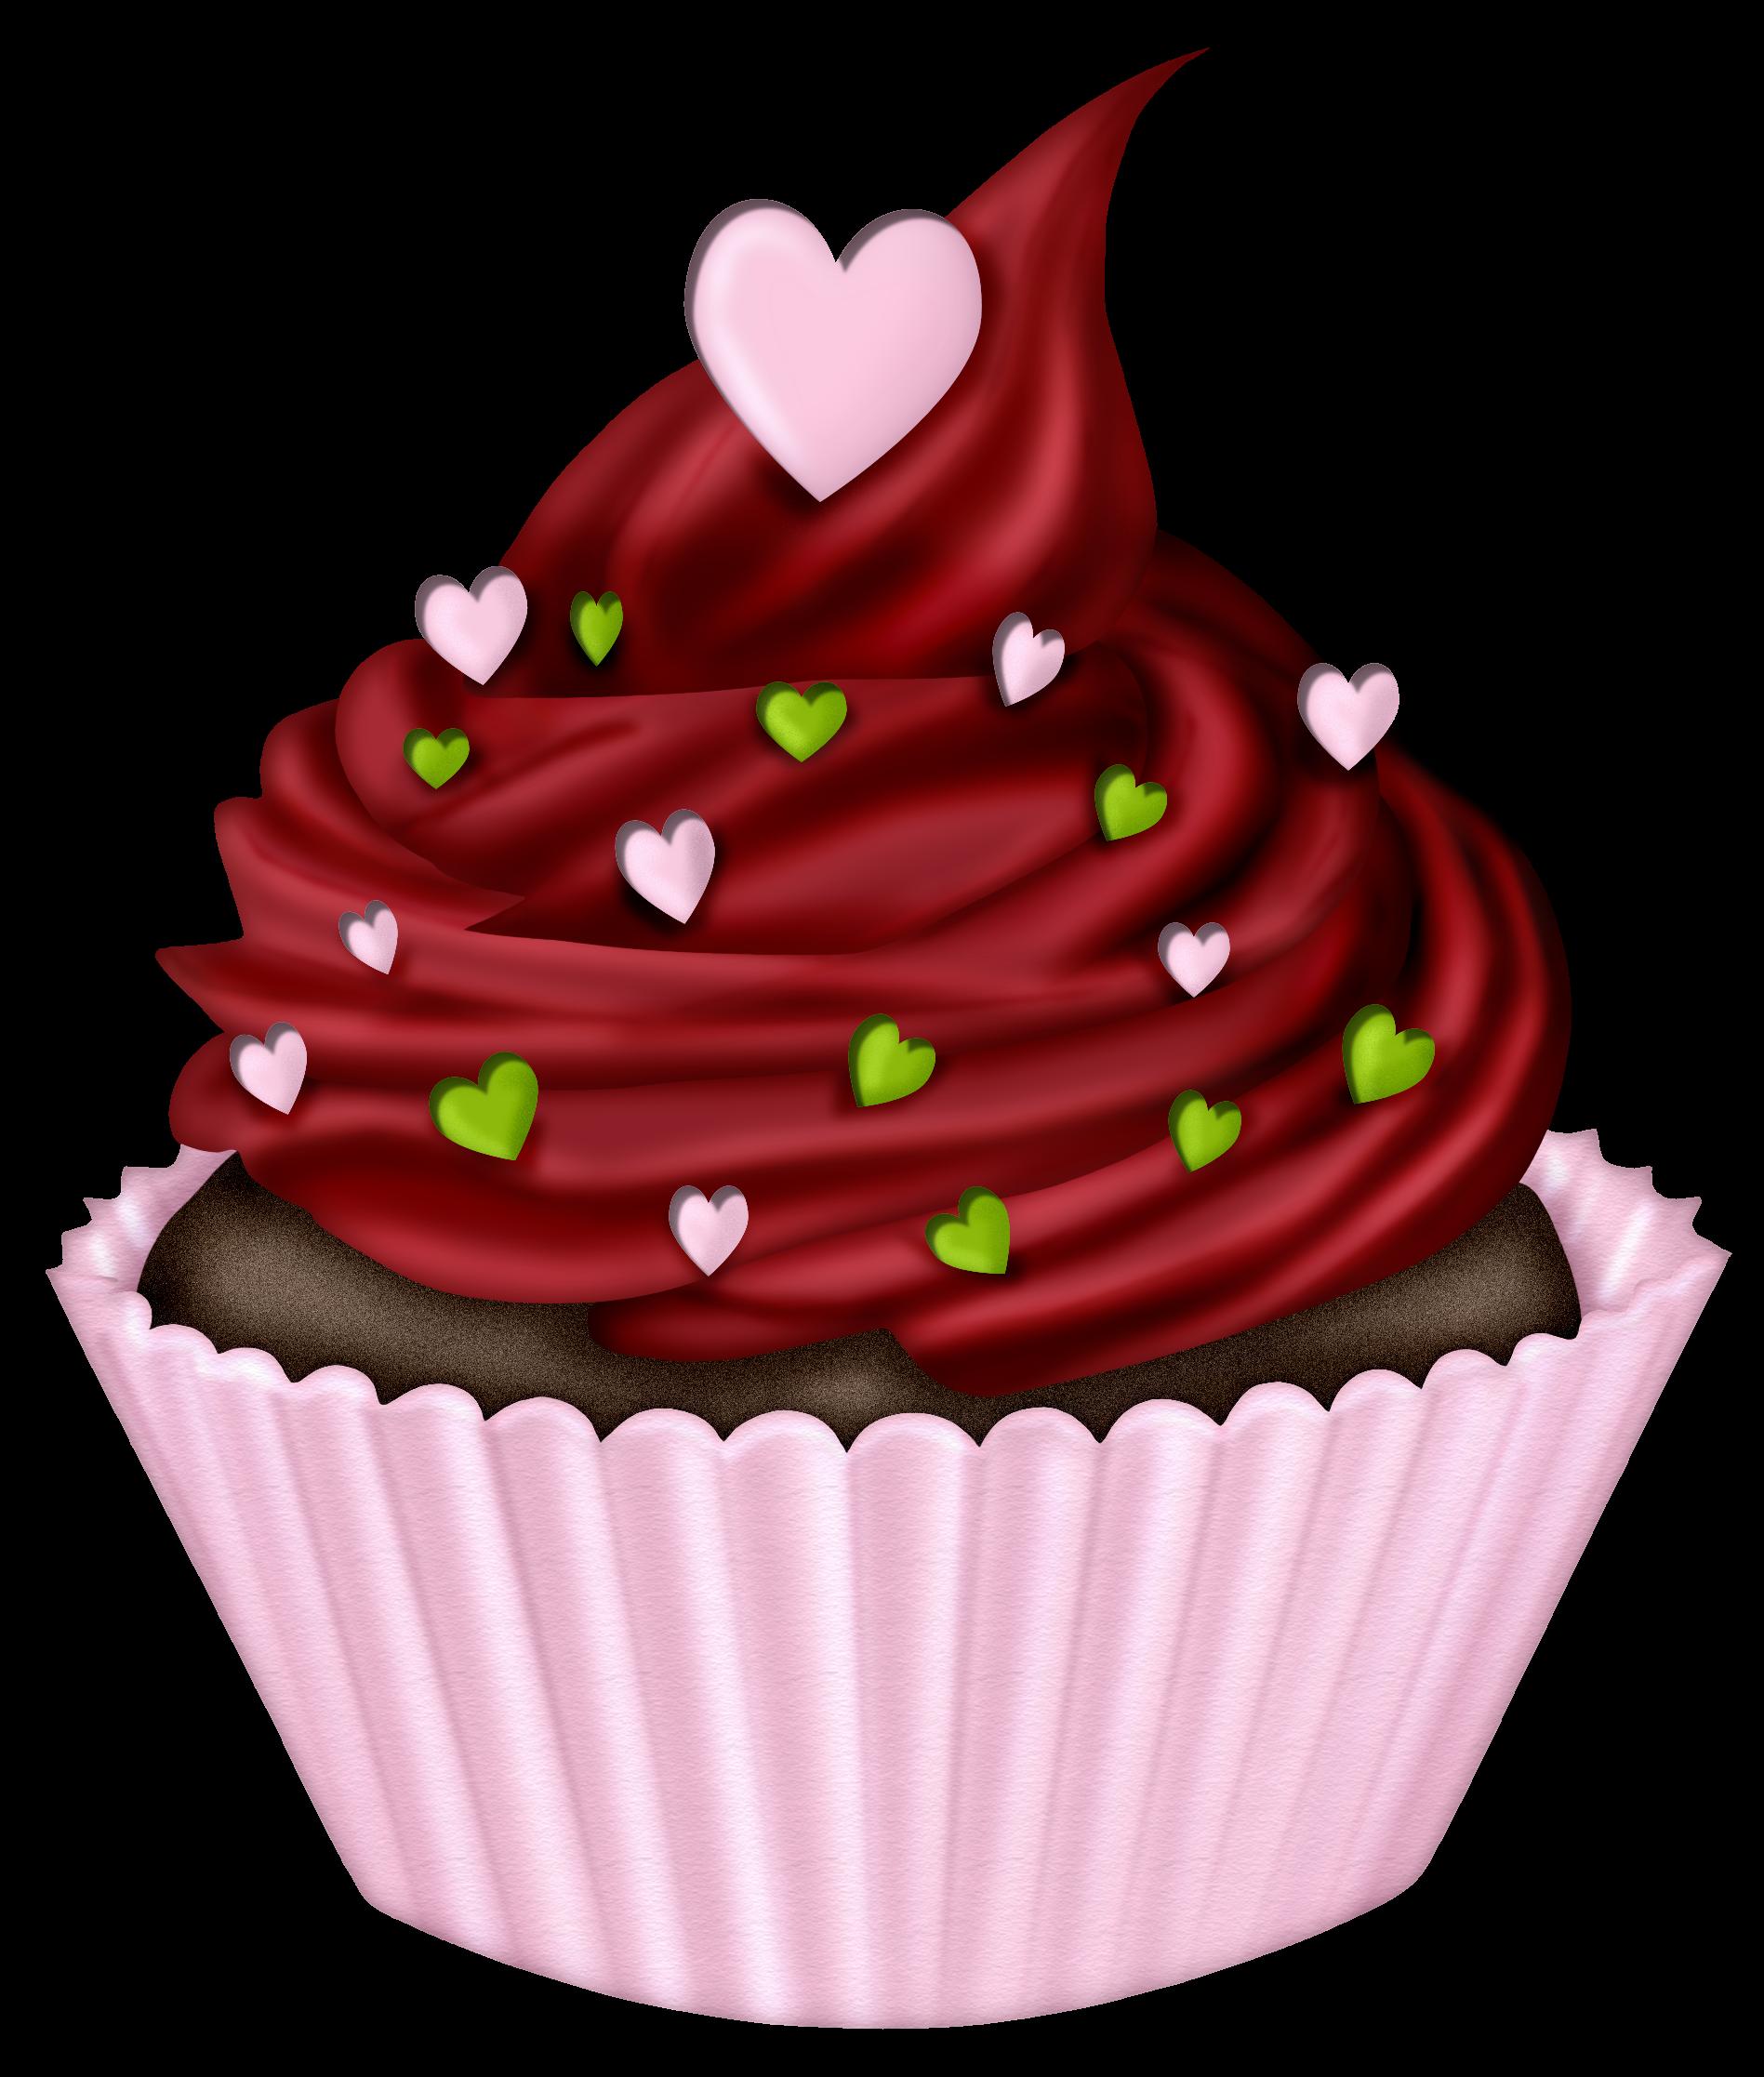 cupcakes digi s. Clipart cake valentines